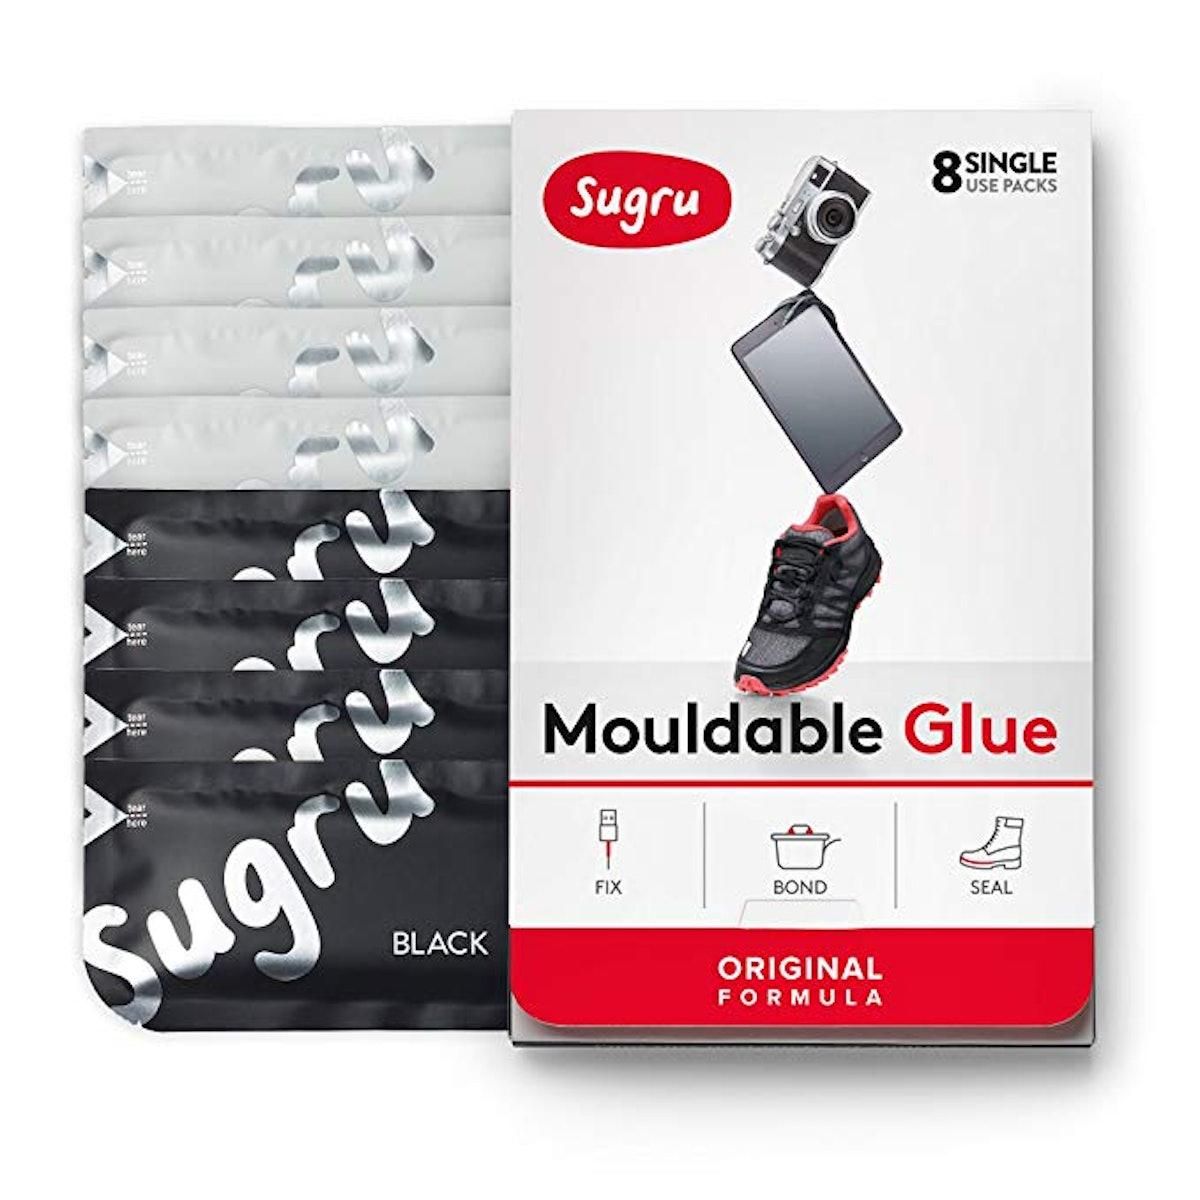 Sugru Moldable Glue Original Formula